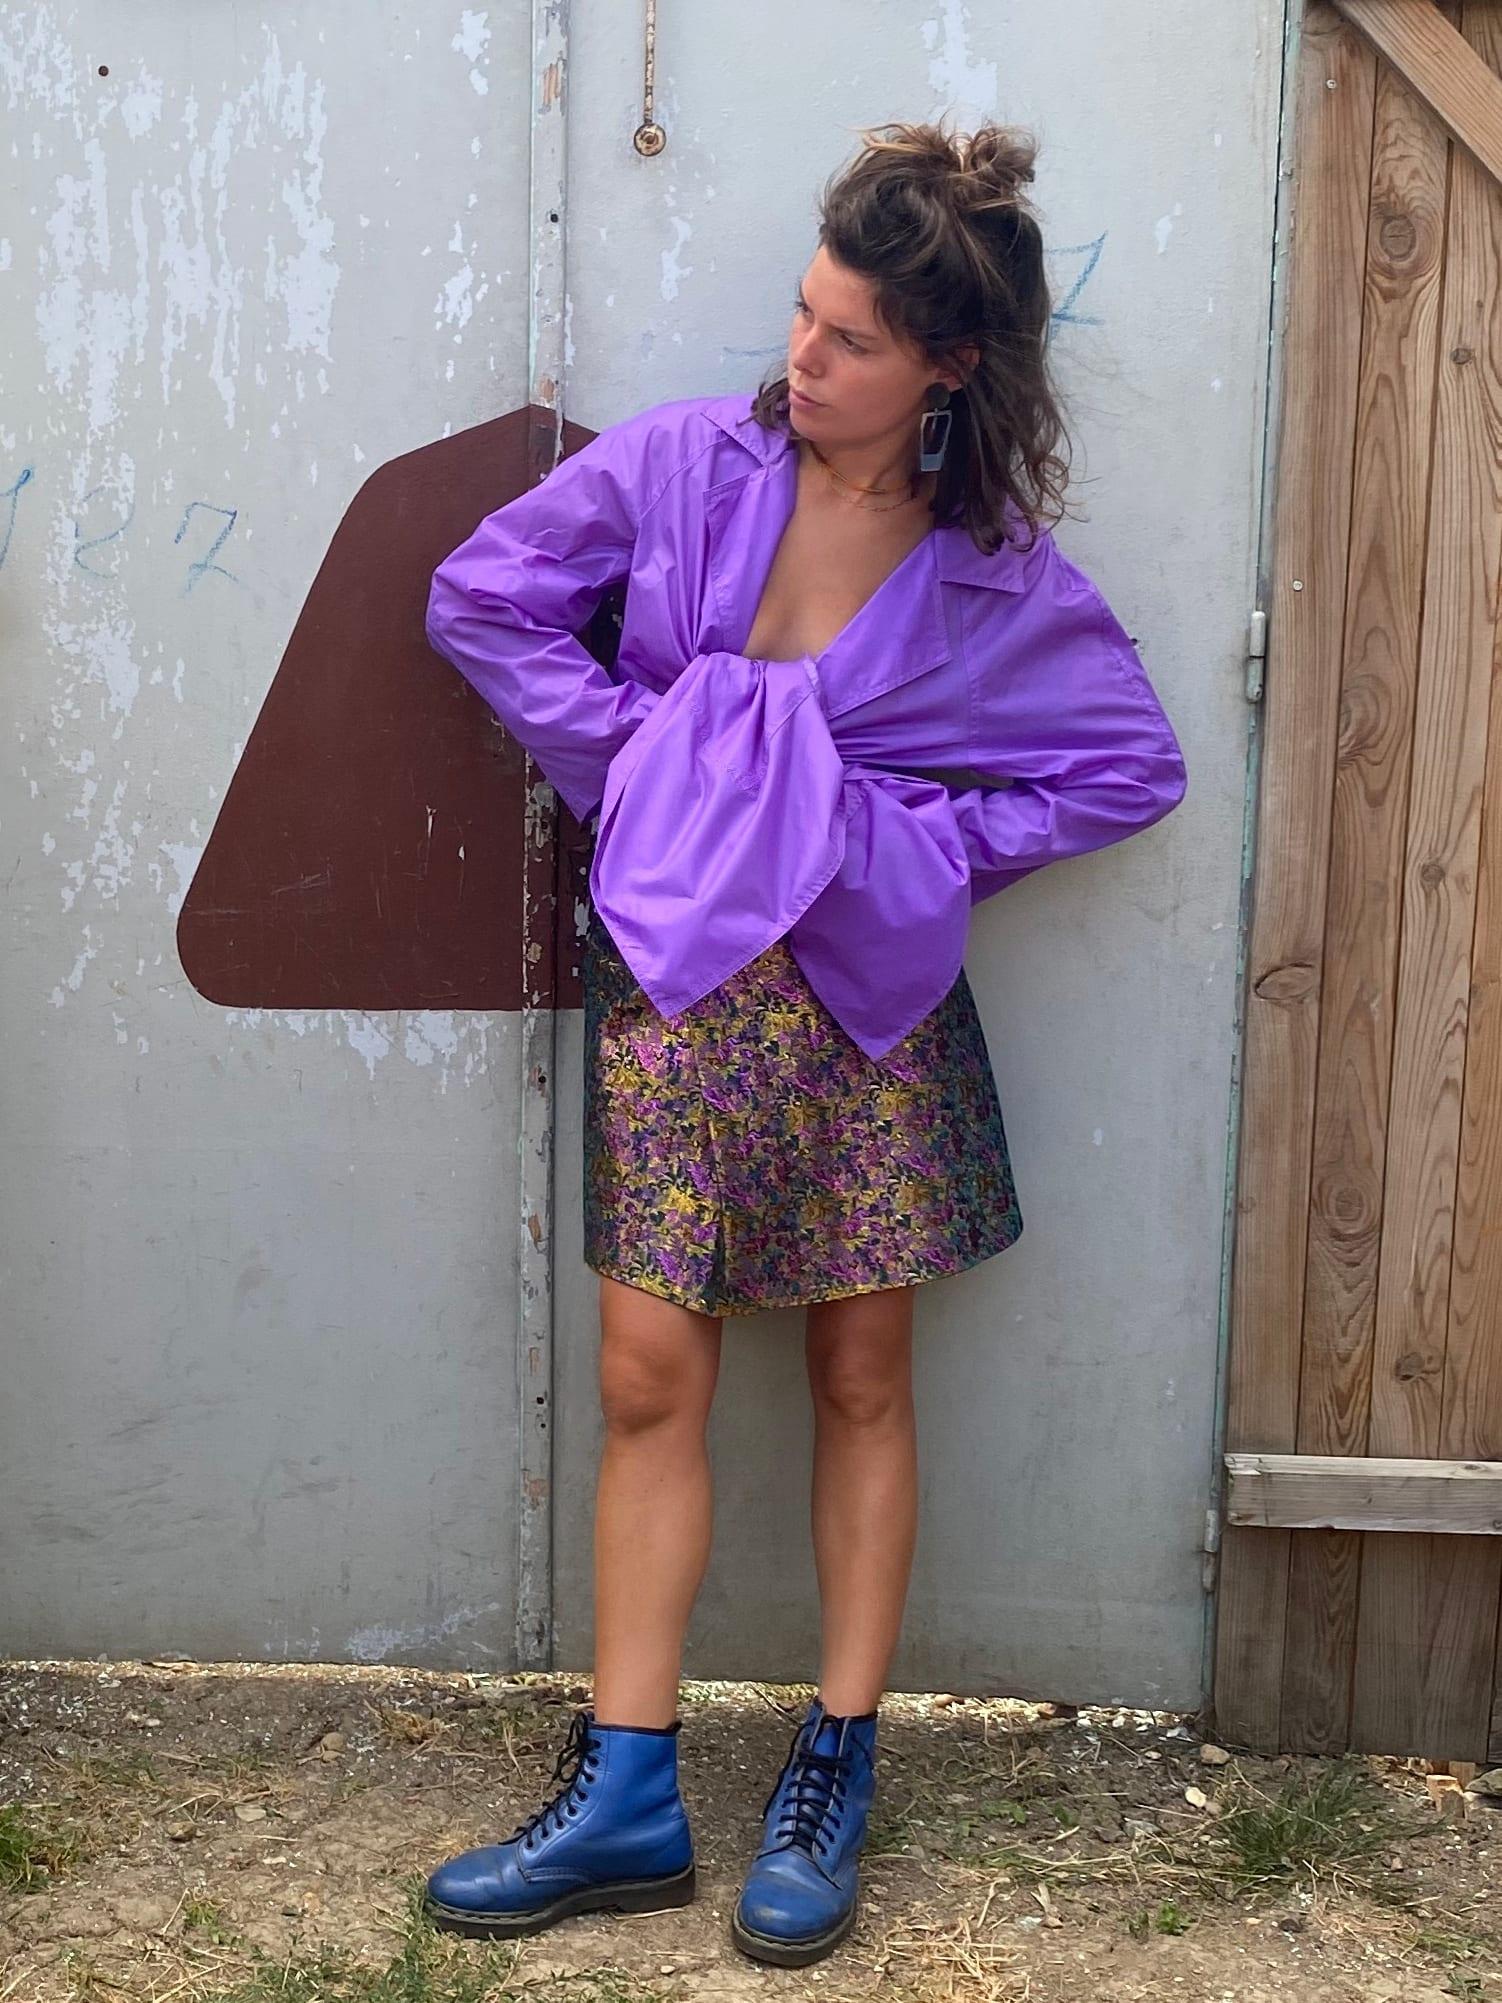 Modèle Studio Paillette qui porte le look Noeud Violet sur Jacquard Lamé